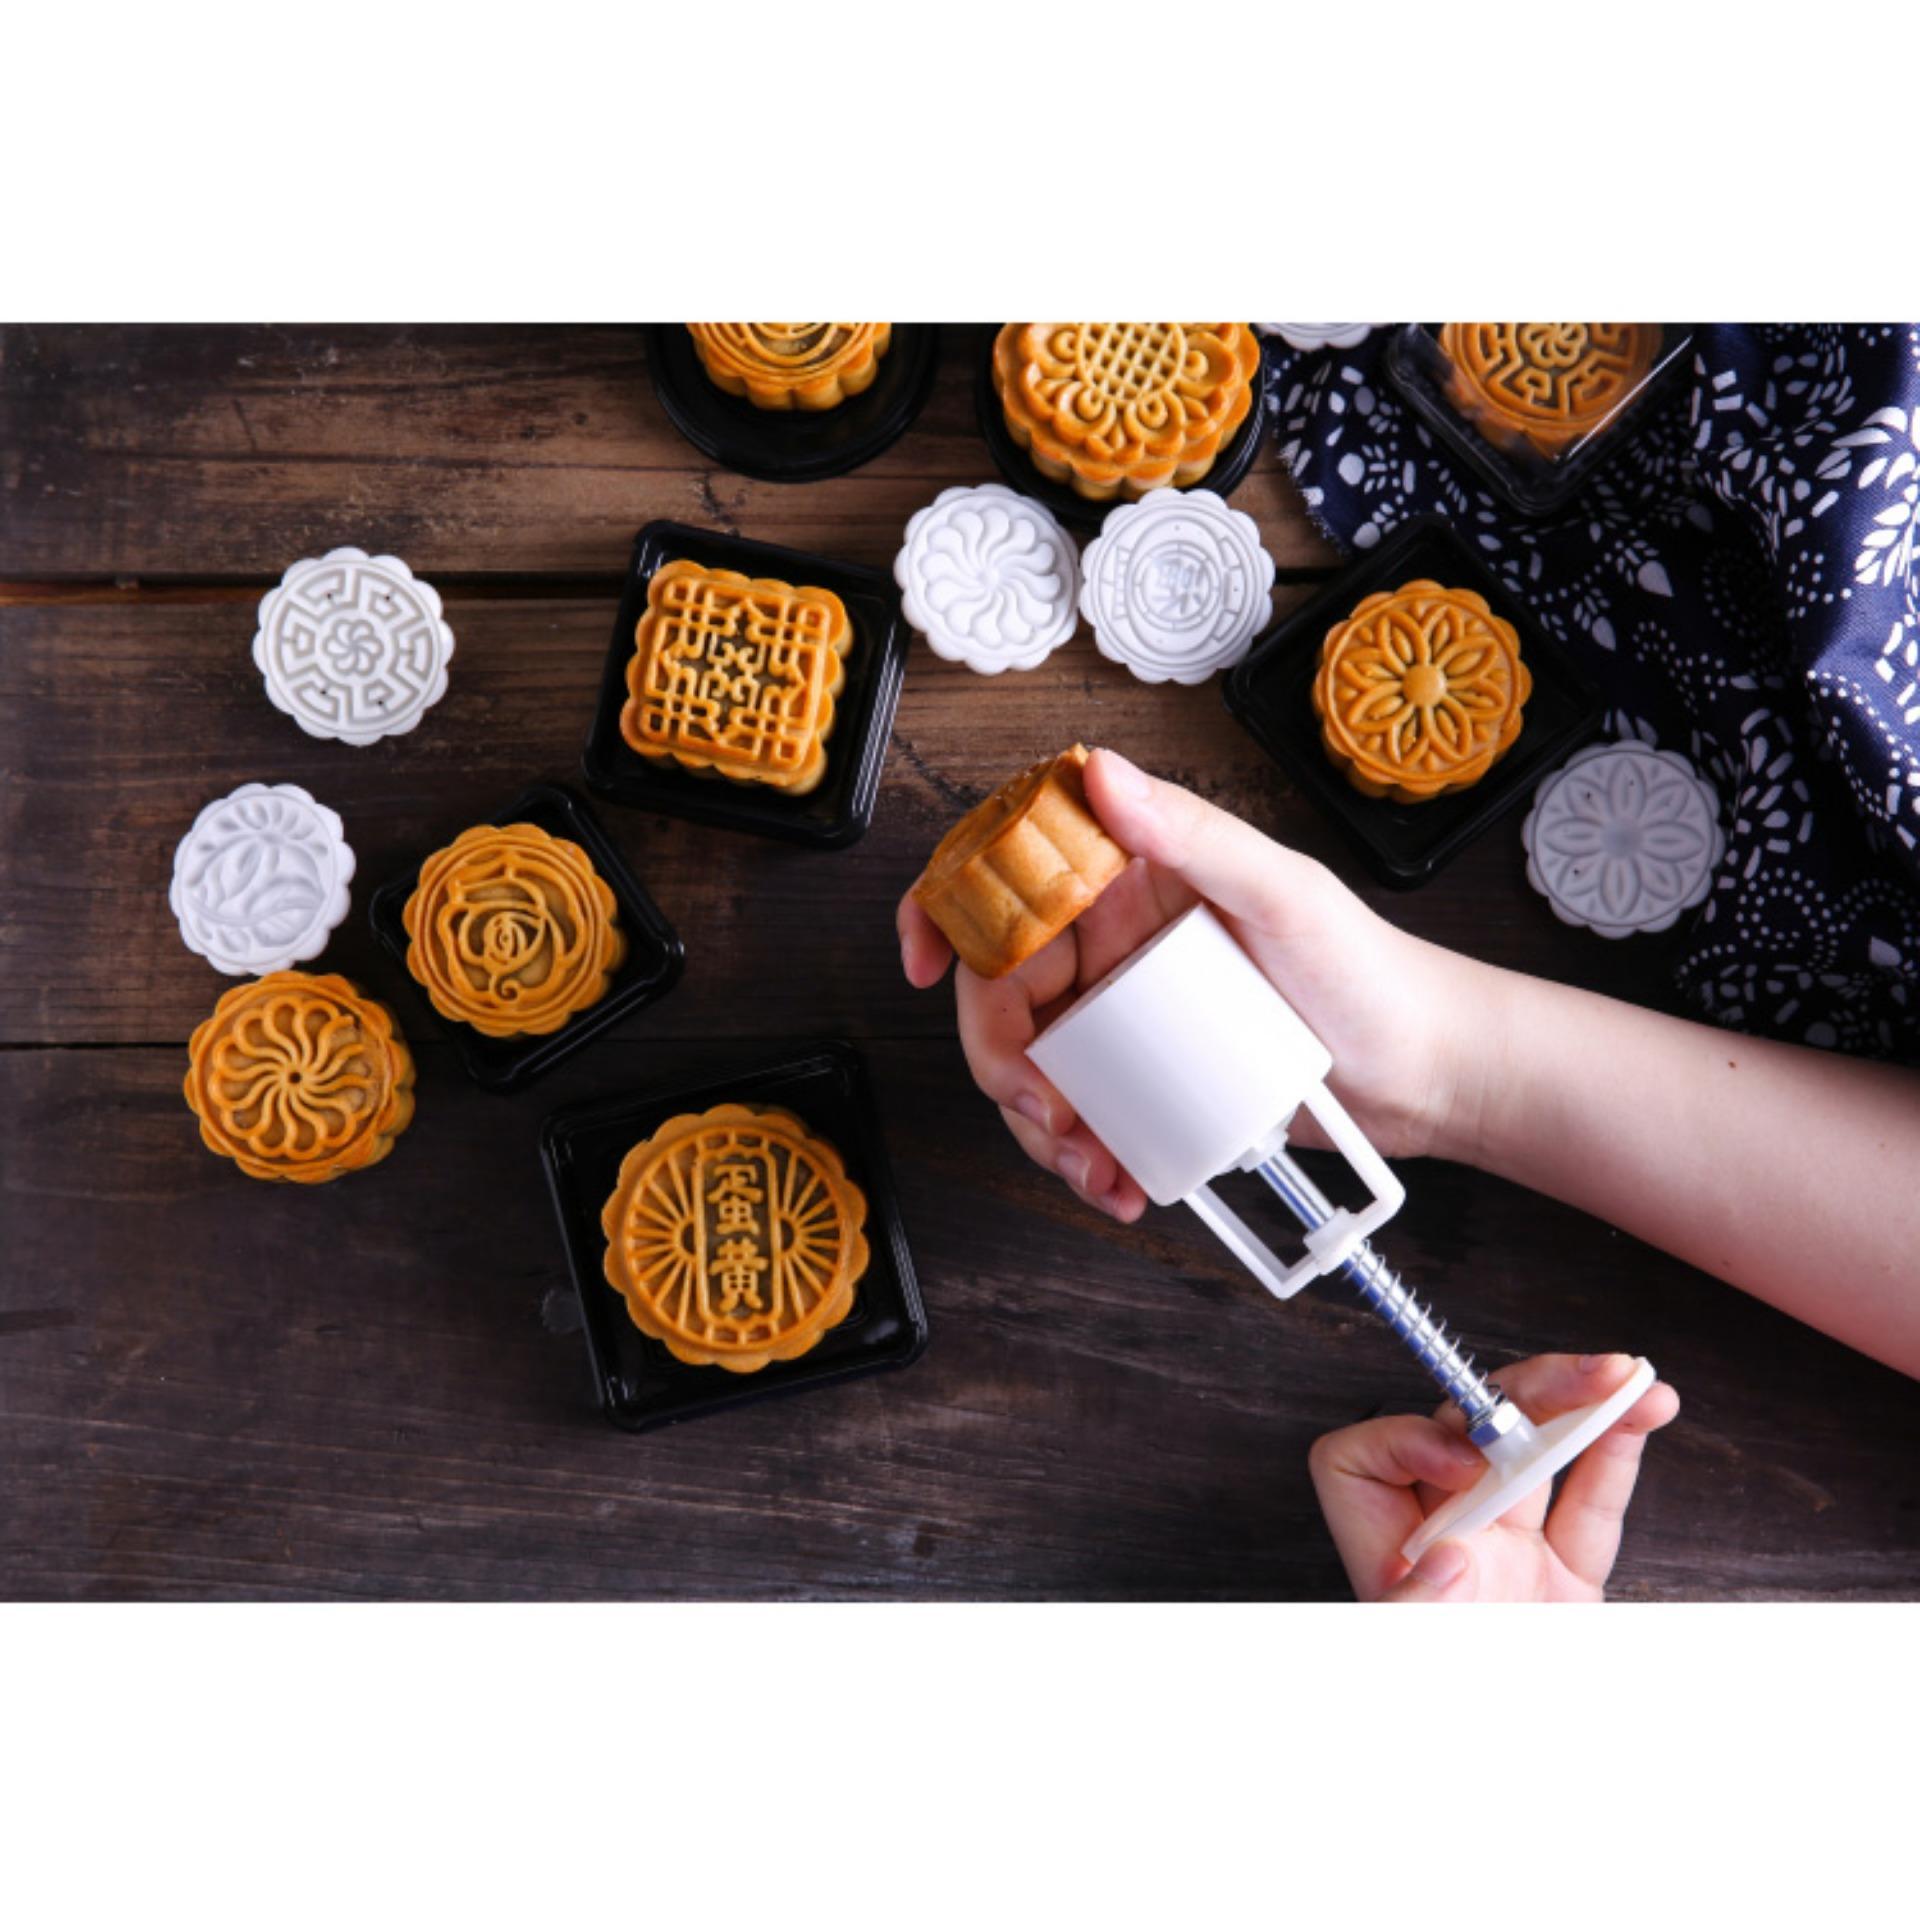 Khuôn làm bánh ngọt/ bánh trung thu hình tròn 6 khuôn